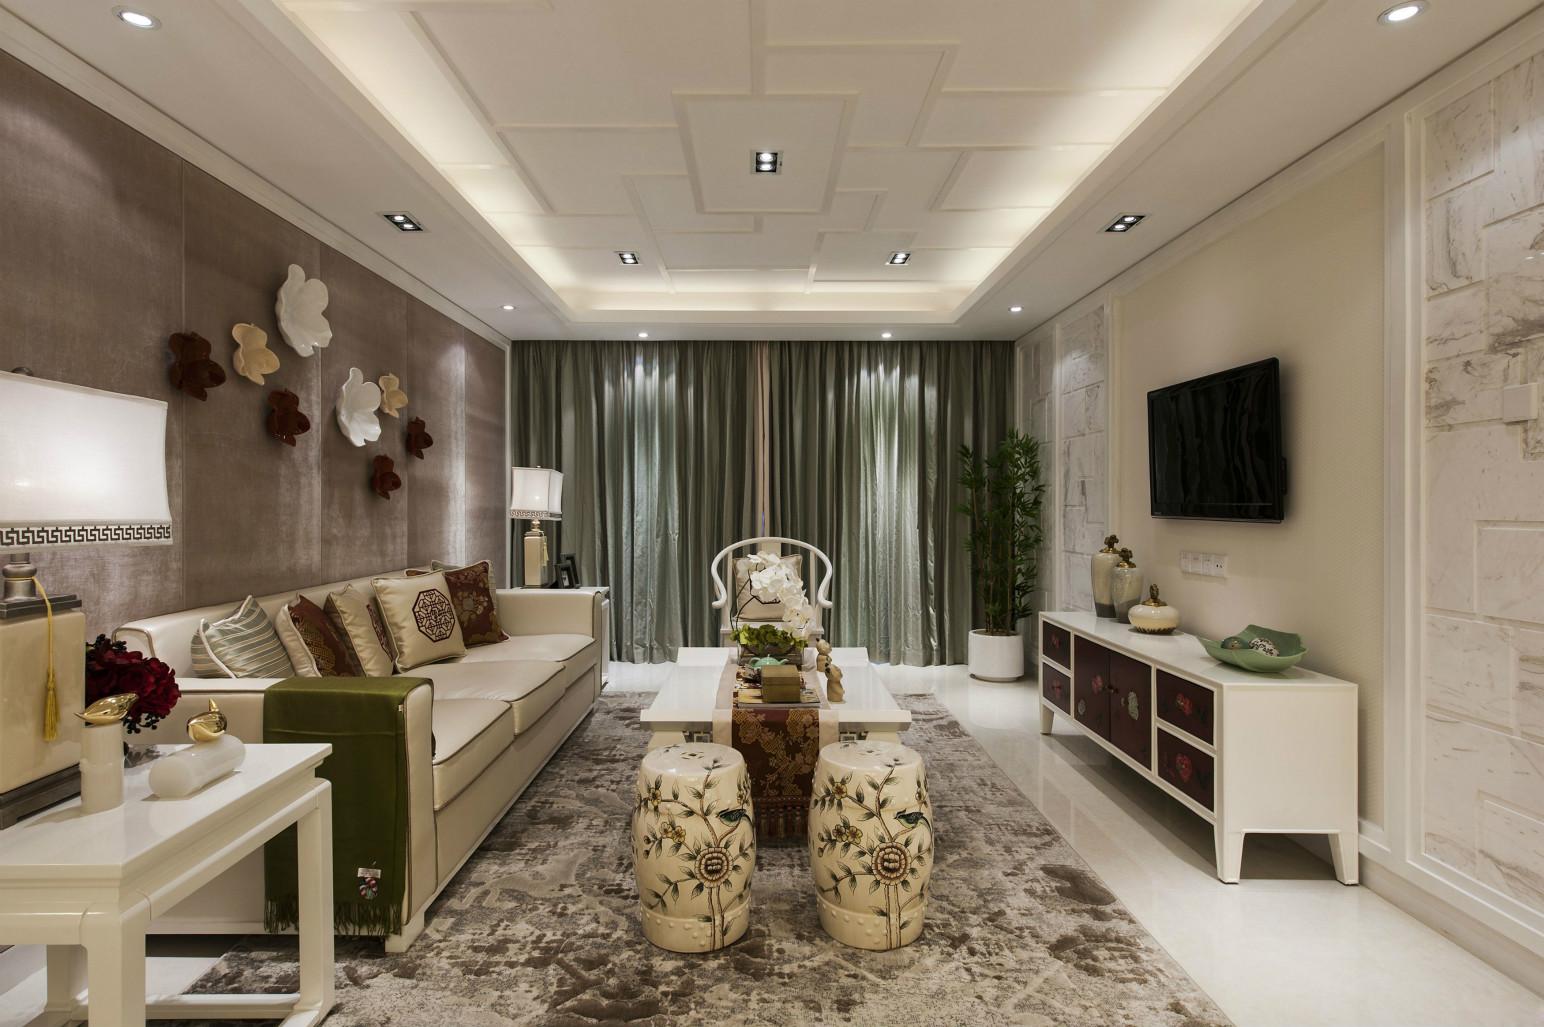 客厅中放置着清晰线条的布面转角座沙发,简洁而雅致。